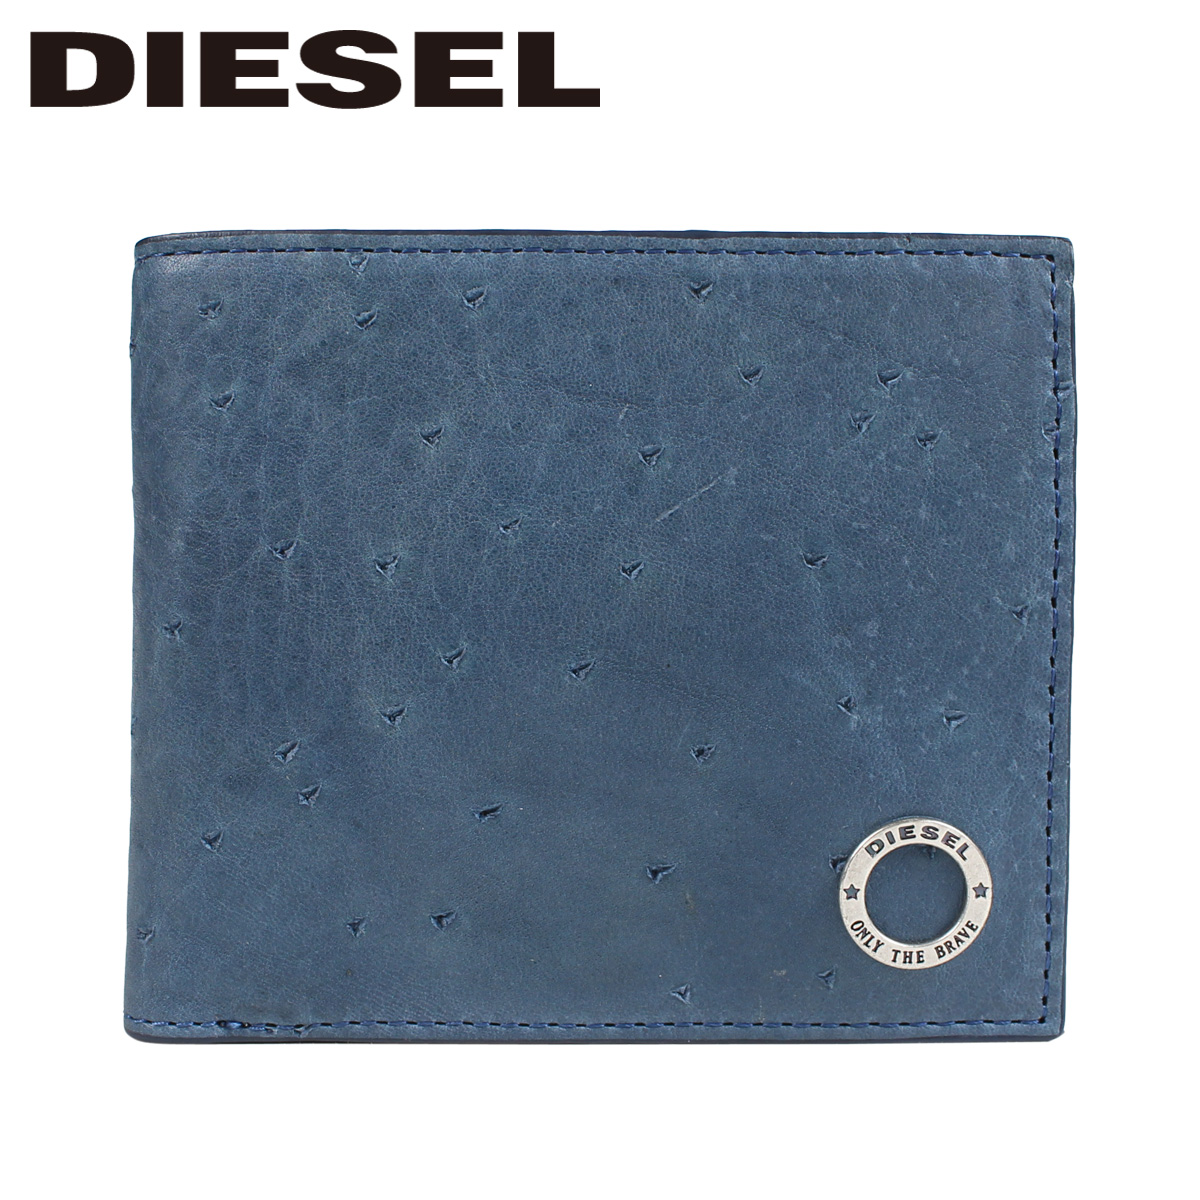 DIESEL ディーゼル 財布 メンズ 二つ折り KURACAO HIRESH S ブルー